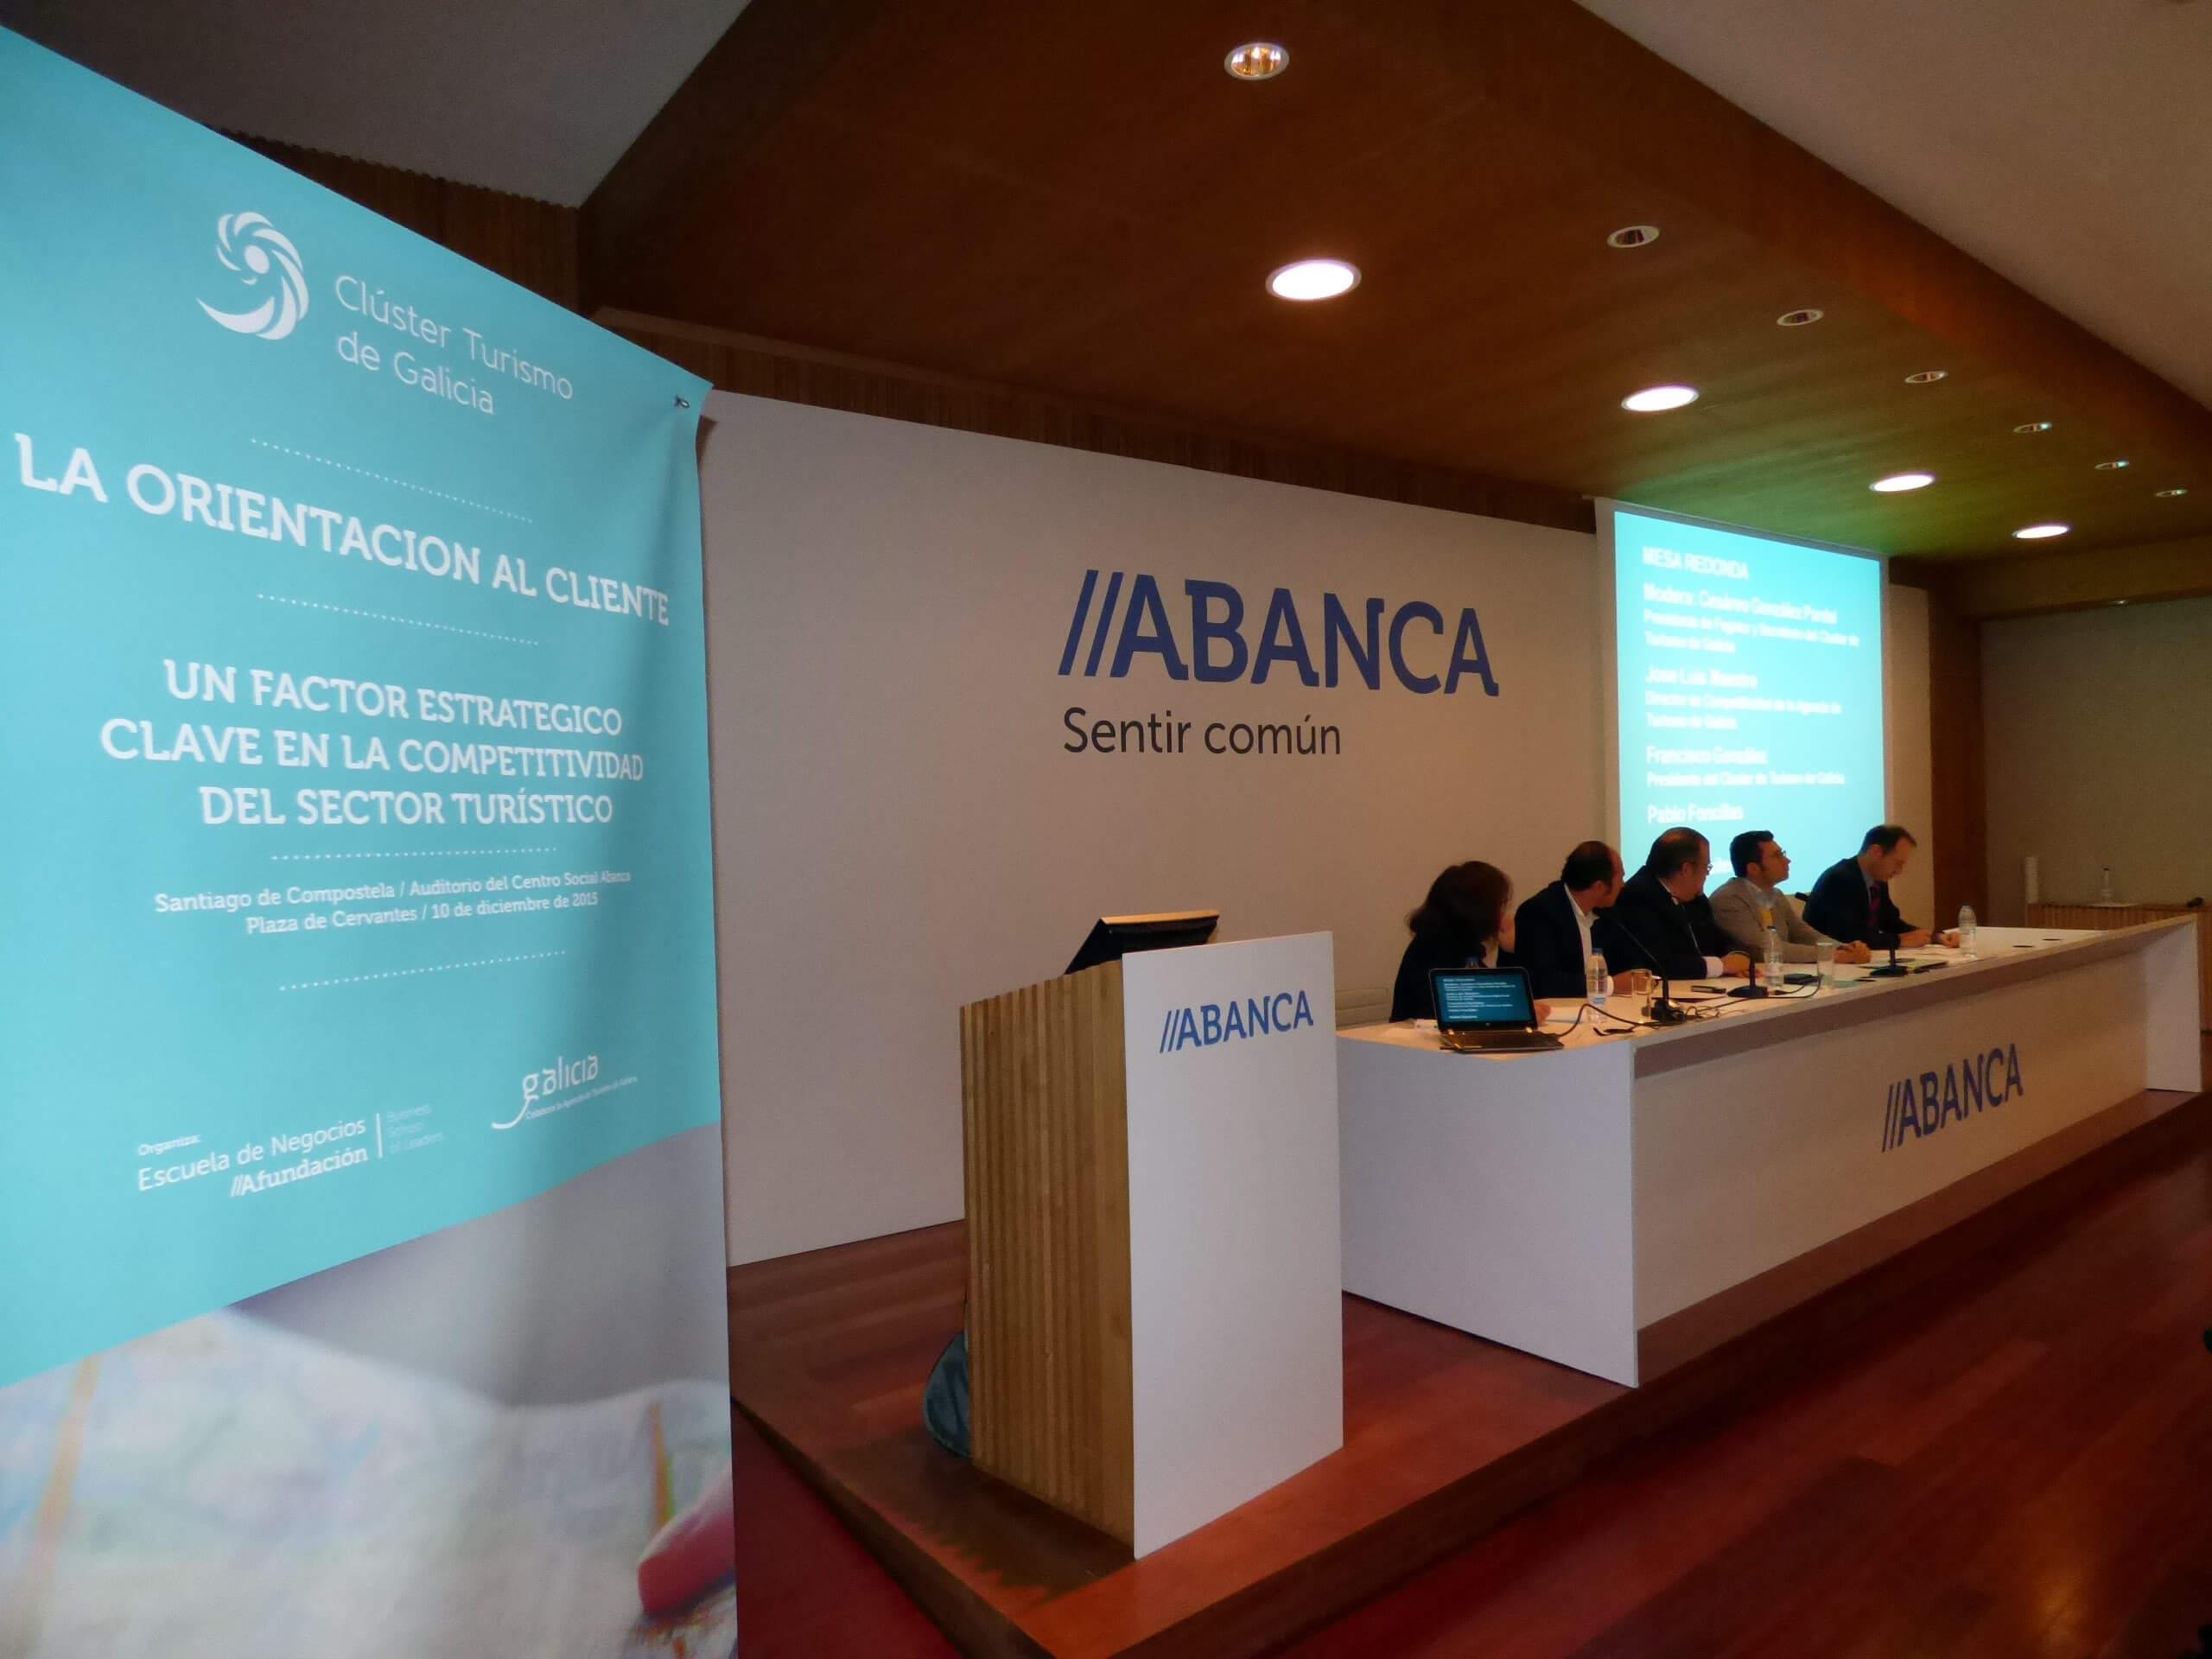 Retos y oportunidades de las nuevas tecnologías en el sector turísticos centran la última jornada de formación del Clúster del Turismo de Galicia